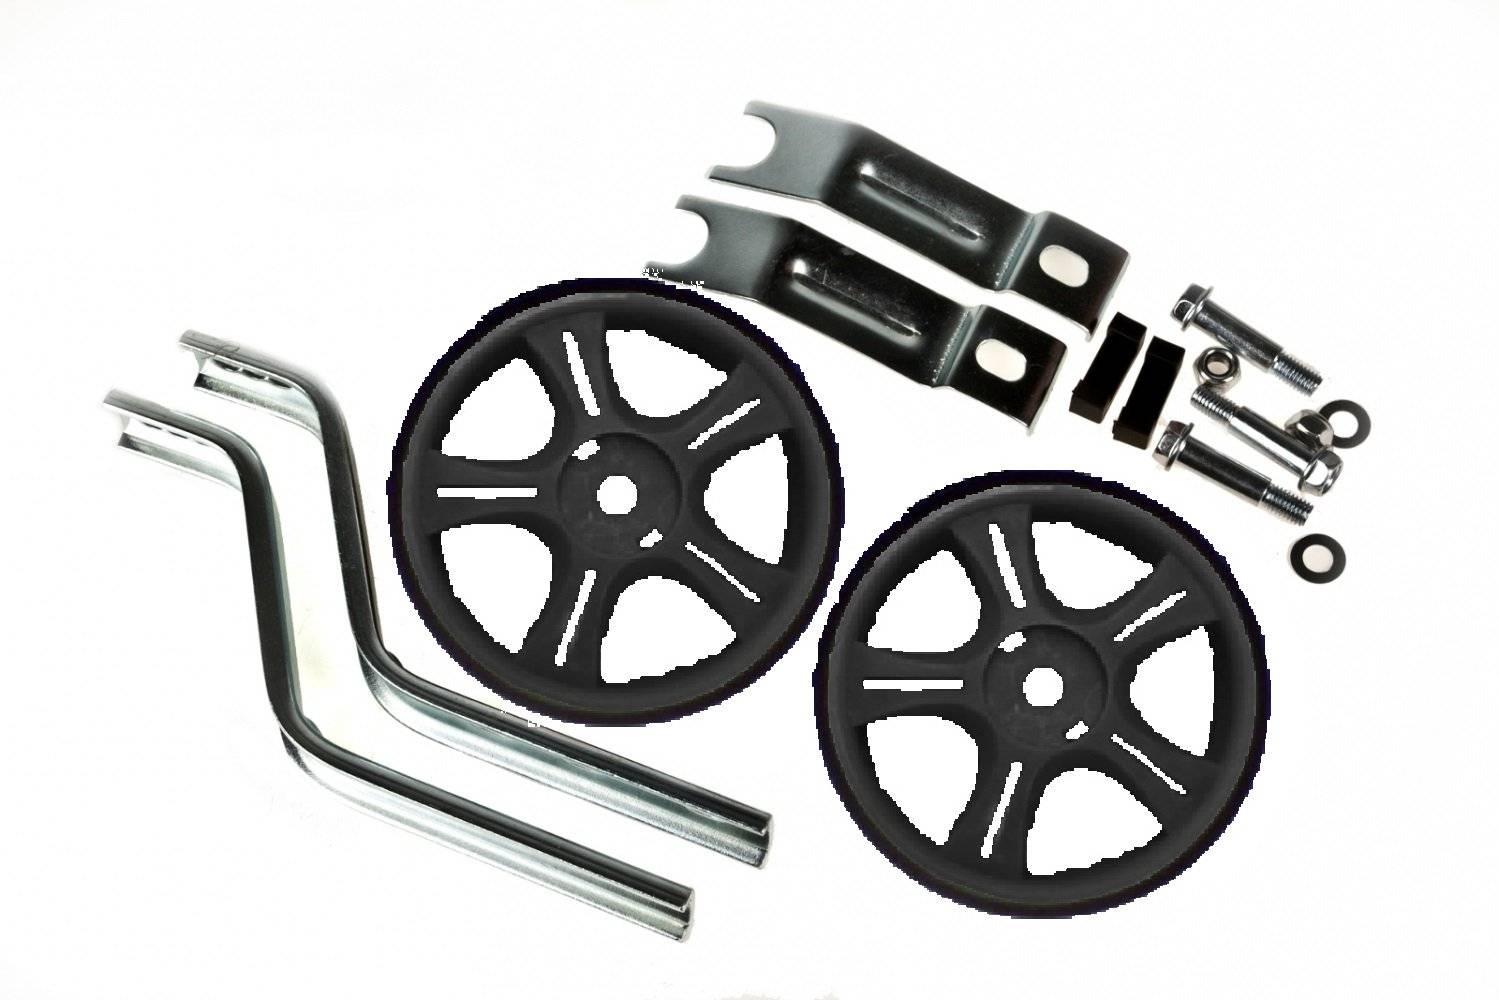 Колеса детские велосипедные, Vinca HRS 12-20 black, стойки сталь на 12-20, пара, пластик, черные.